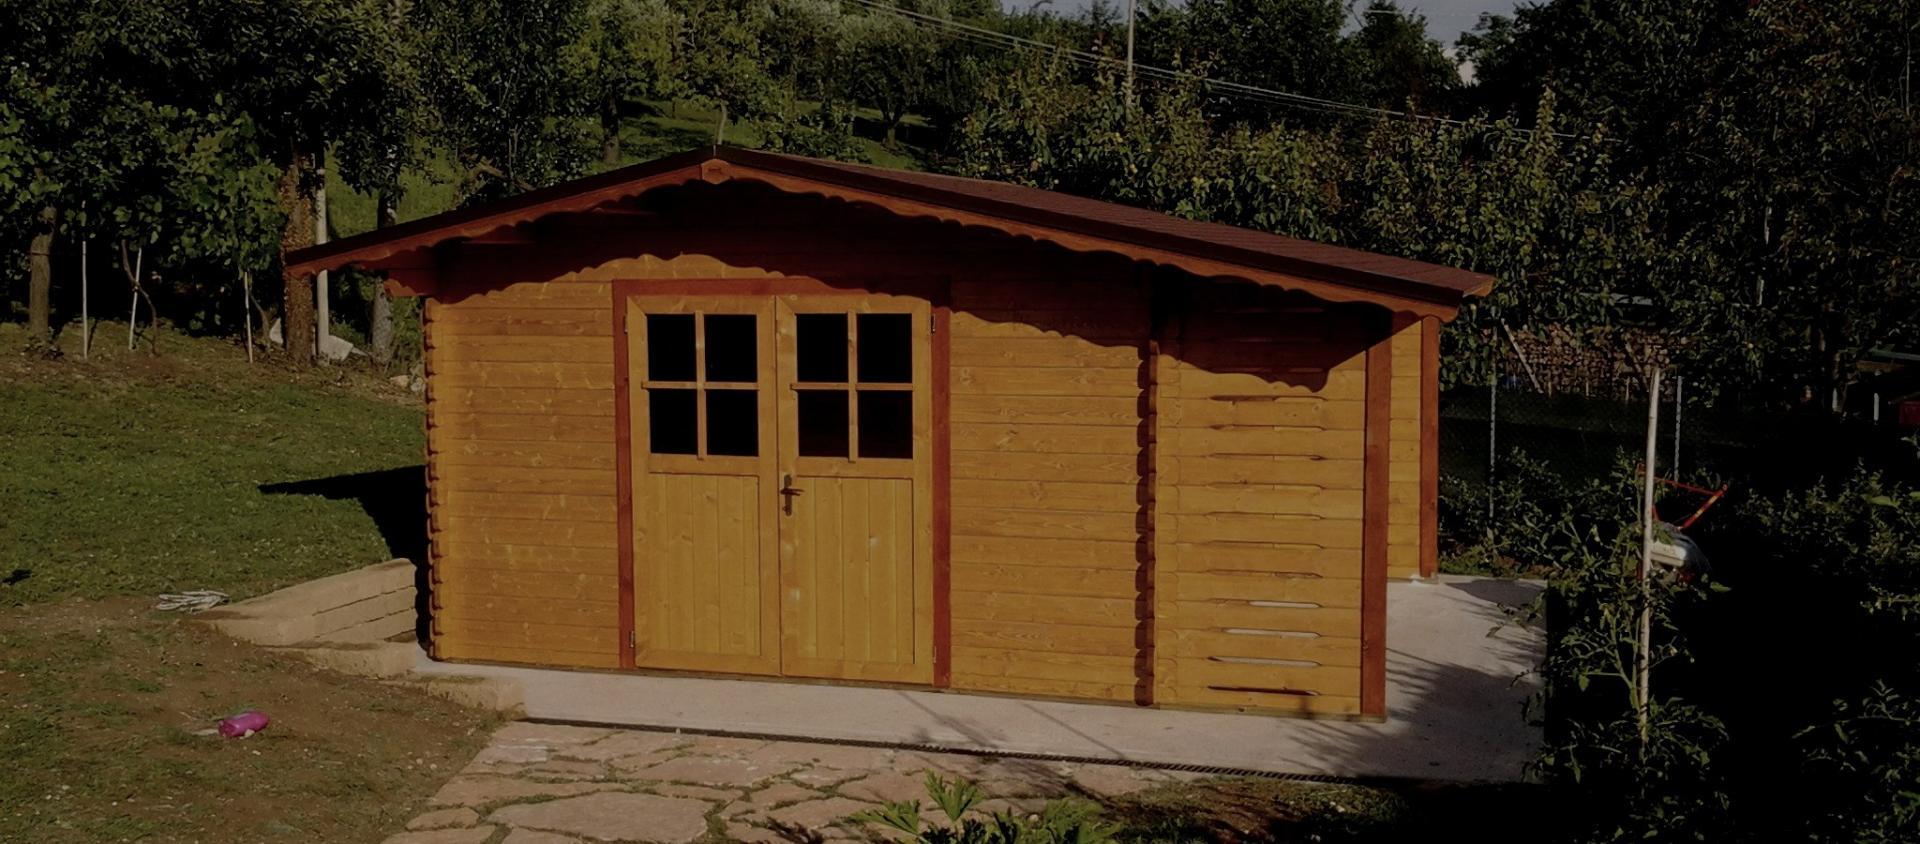 Romax casette in legno